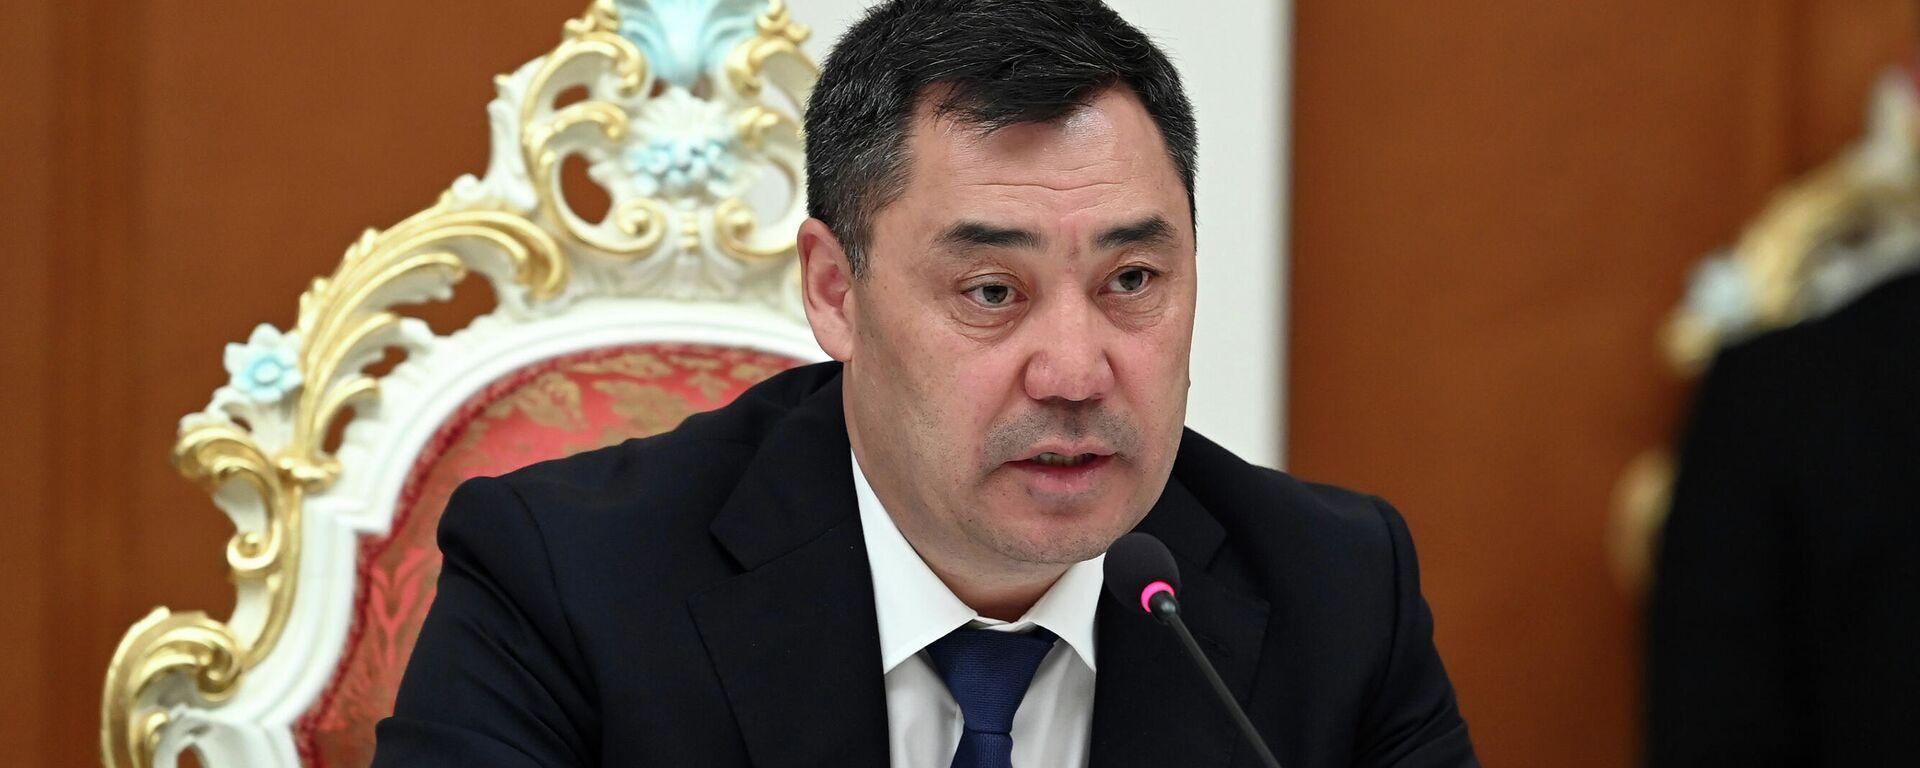 Президент Кыргызстана Садыр Жапаров - Sputnik Таджикистан, 1920, 29.06.2021